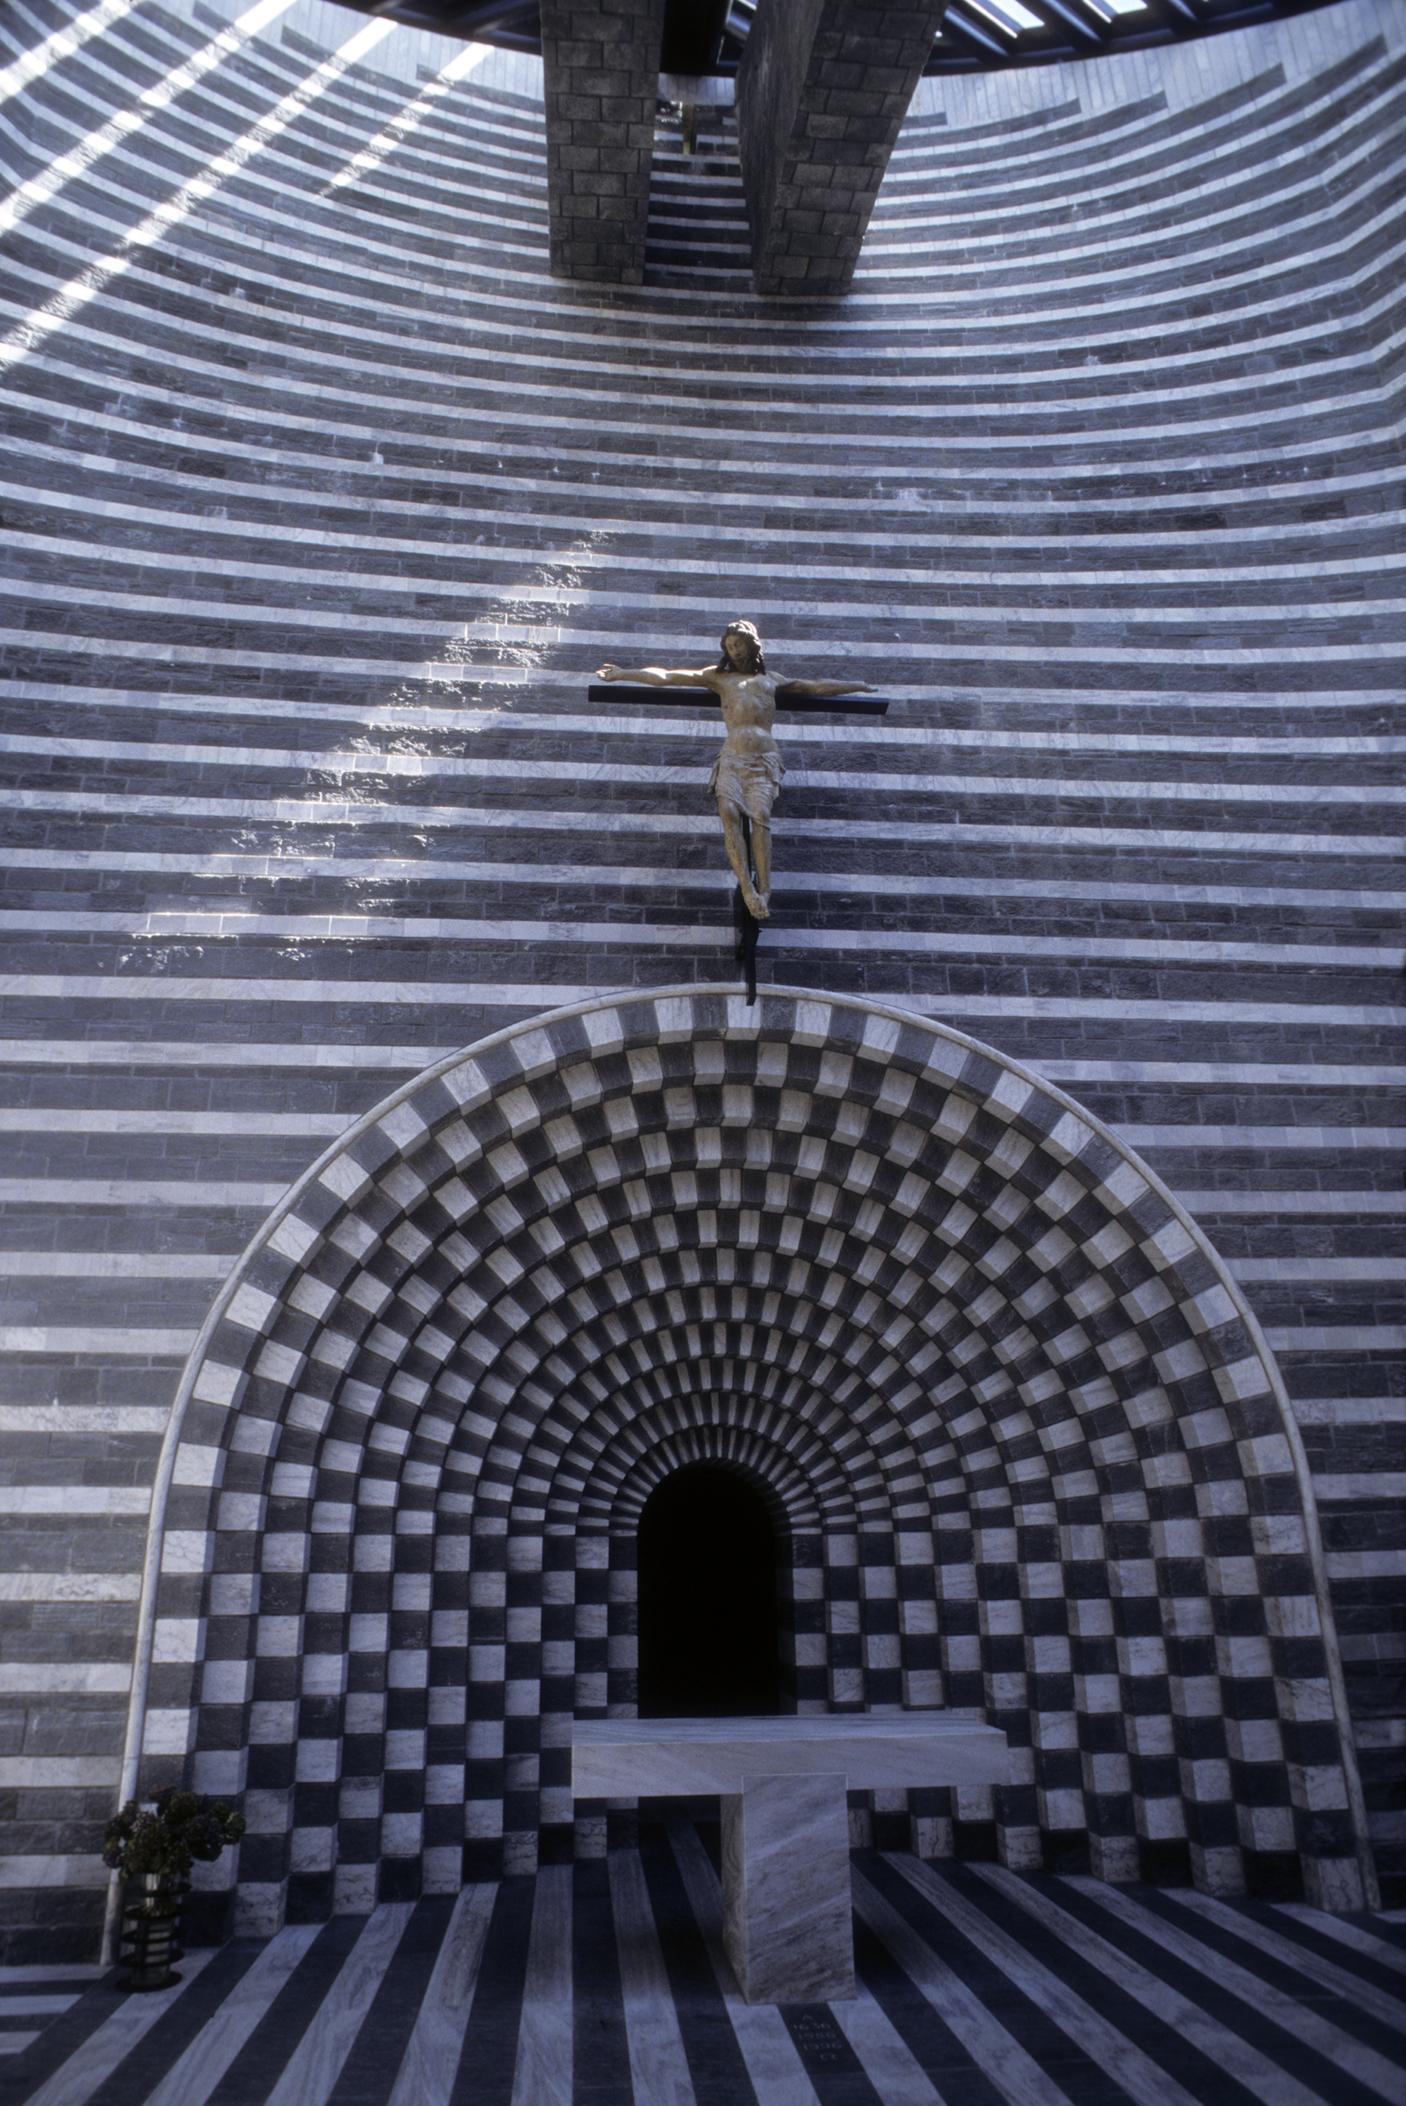 Church of Saint John the Baptist, Mario Botta Architect